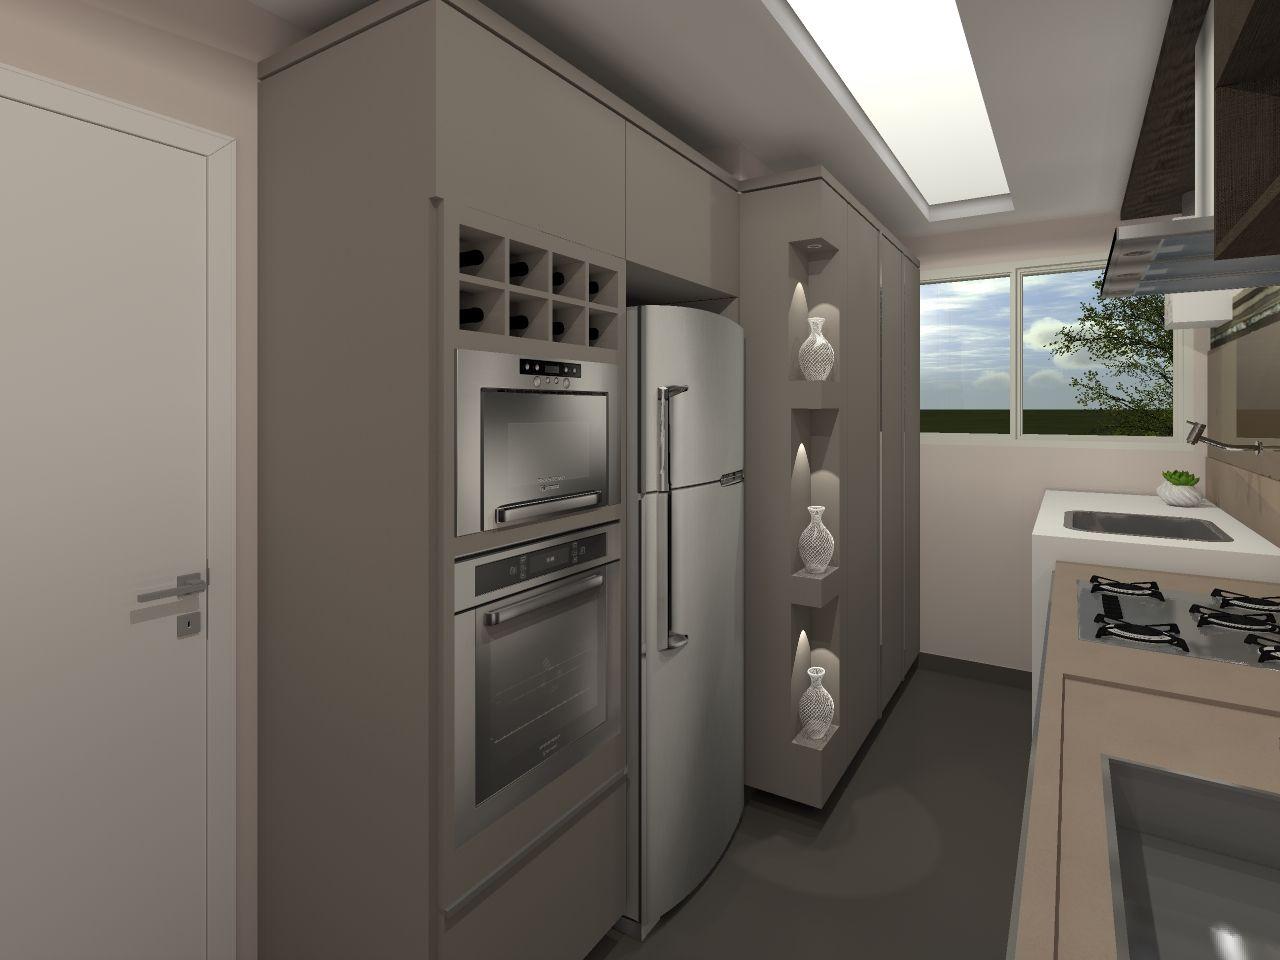 Cozinha Cozinha Nude Espelho Lavanderia Integrada Cozinha